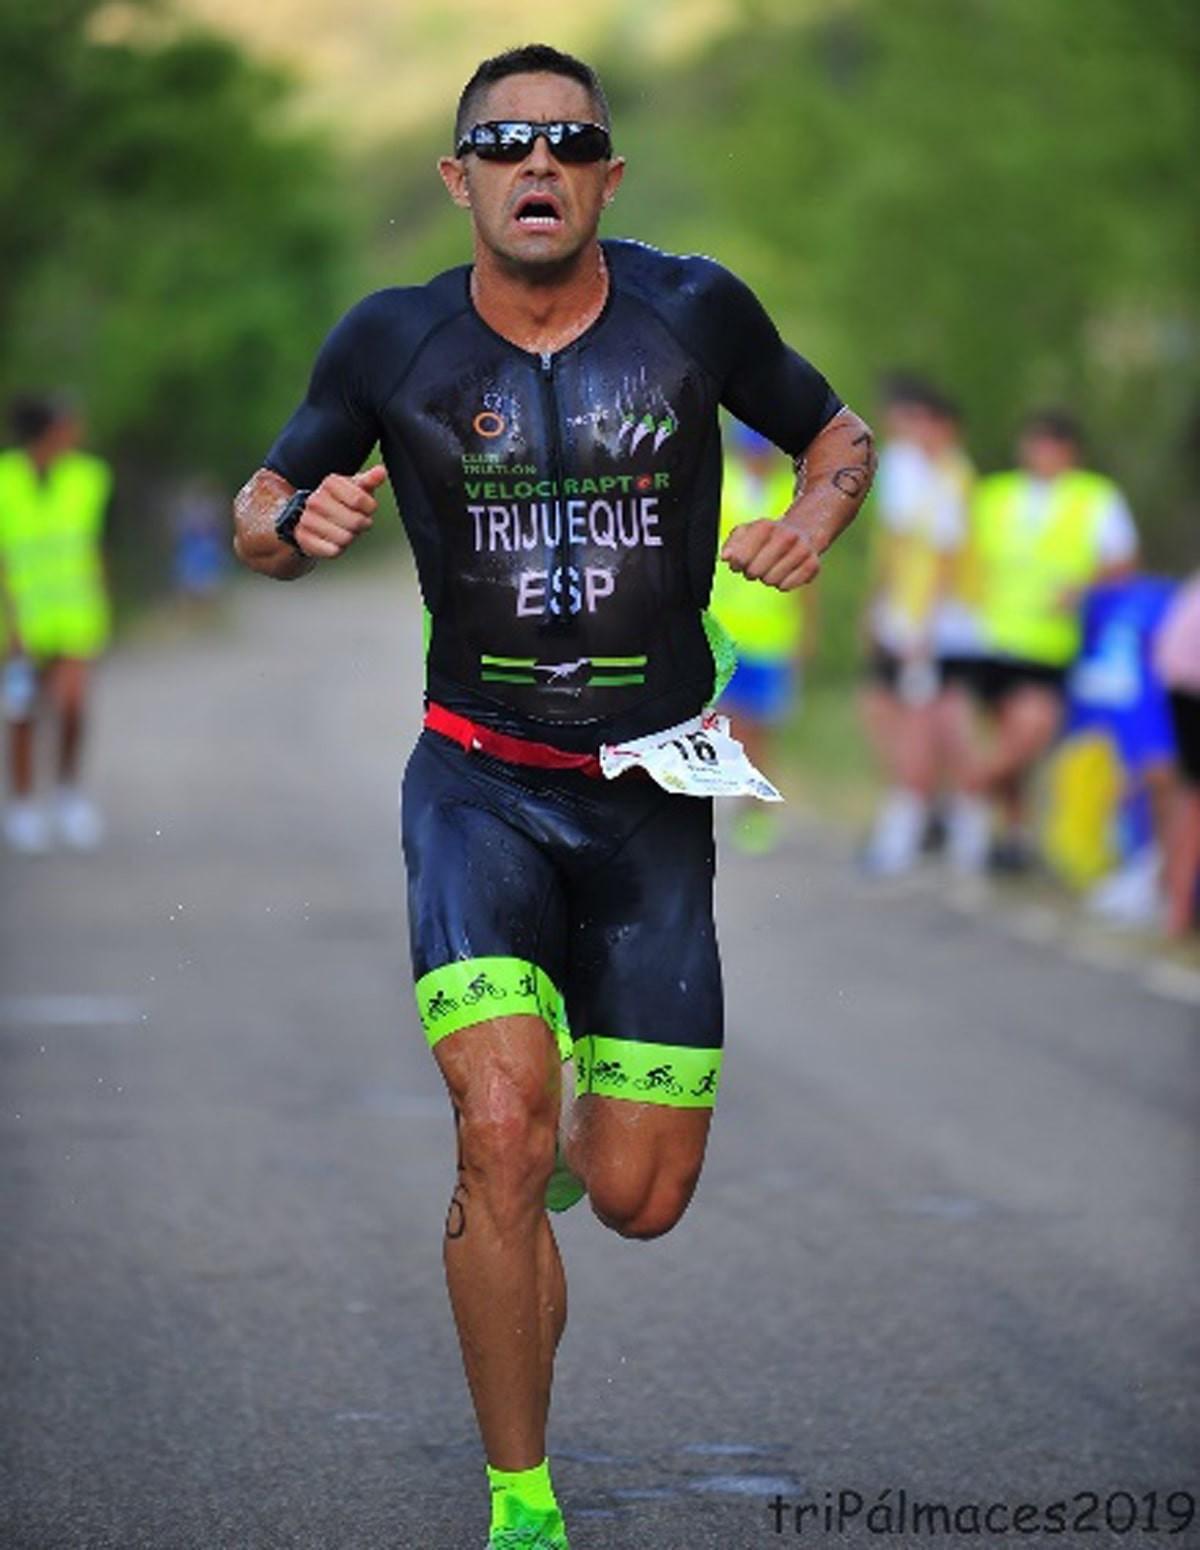 Historias personales de deportistas que usan TetraSOD® - Manuel Trijerque Biosca